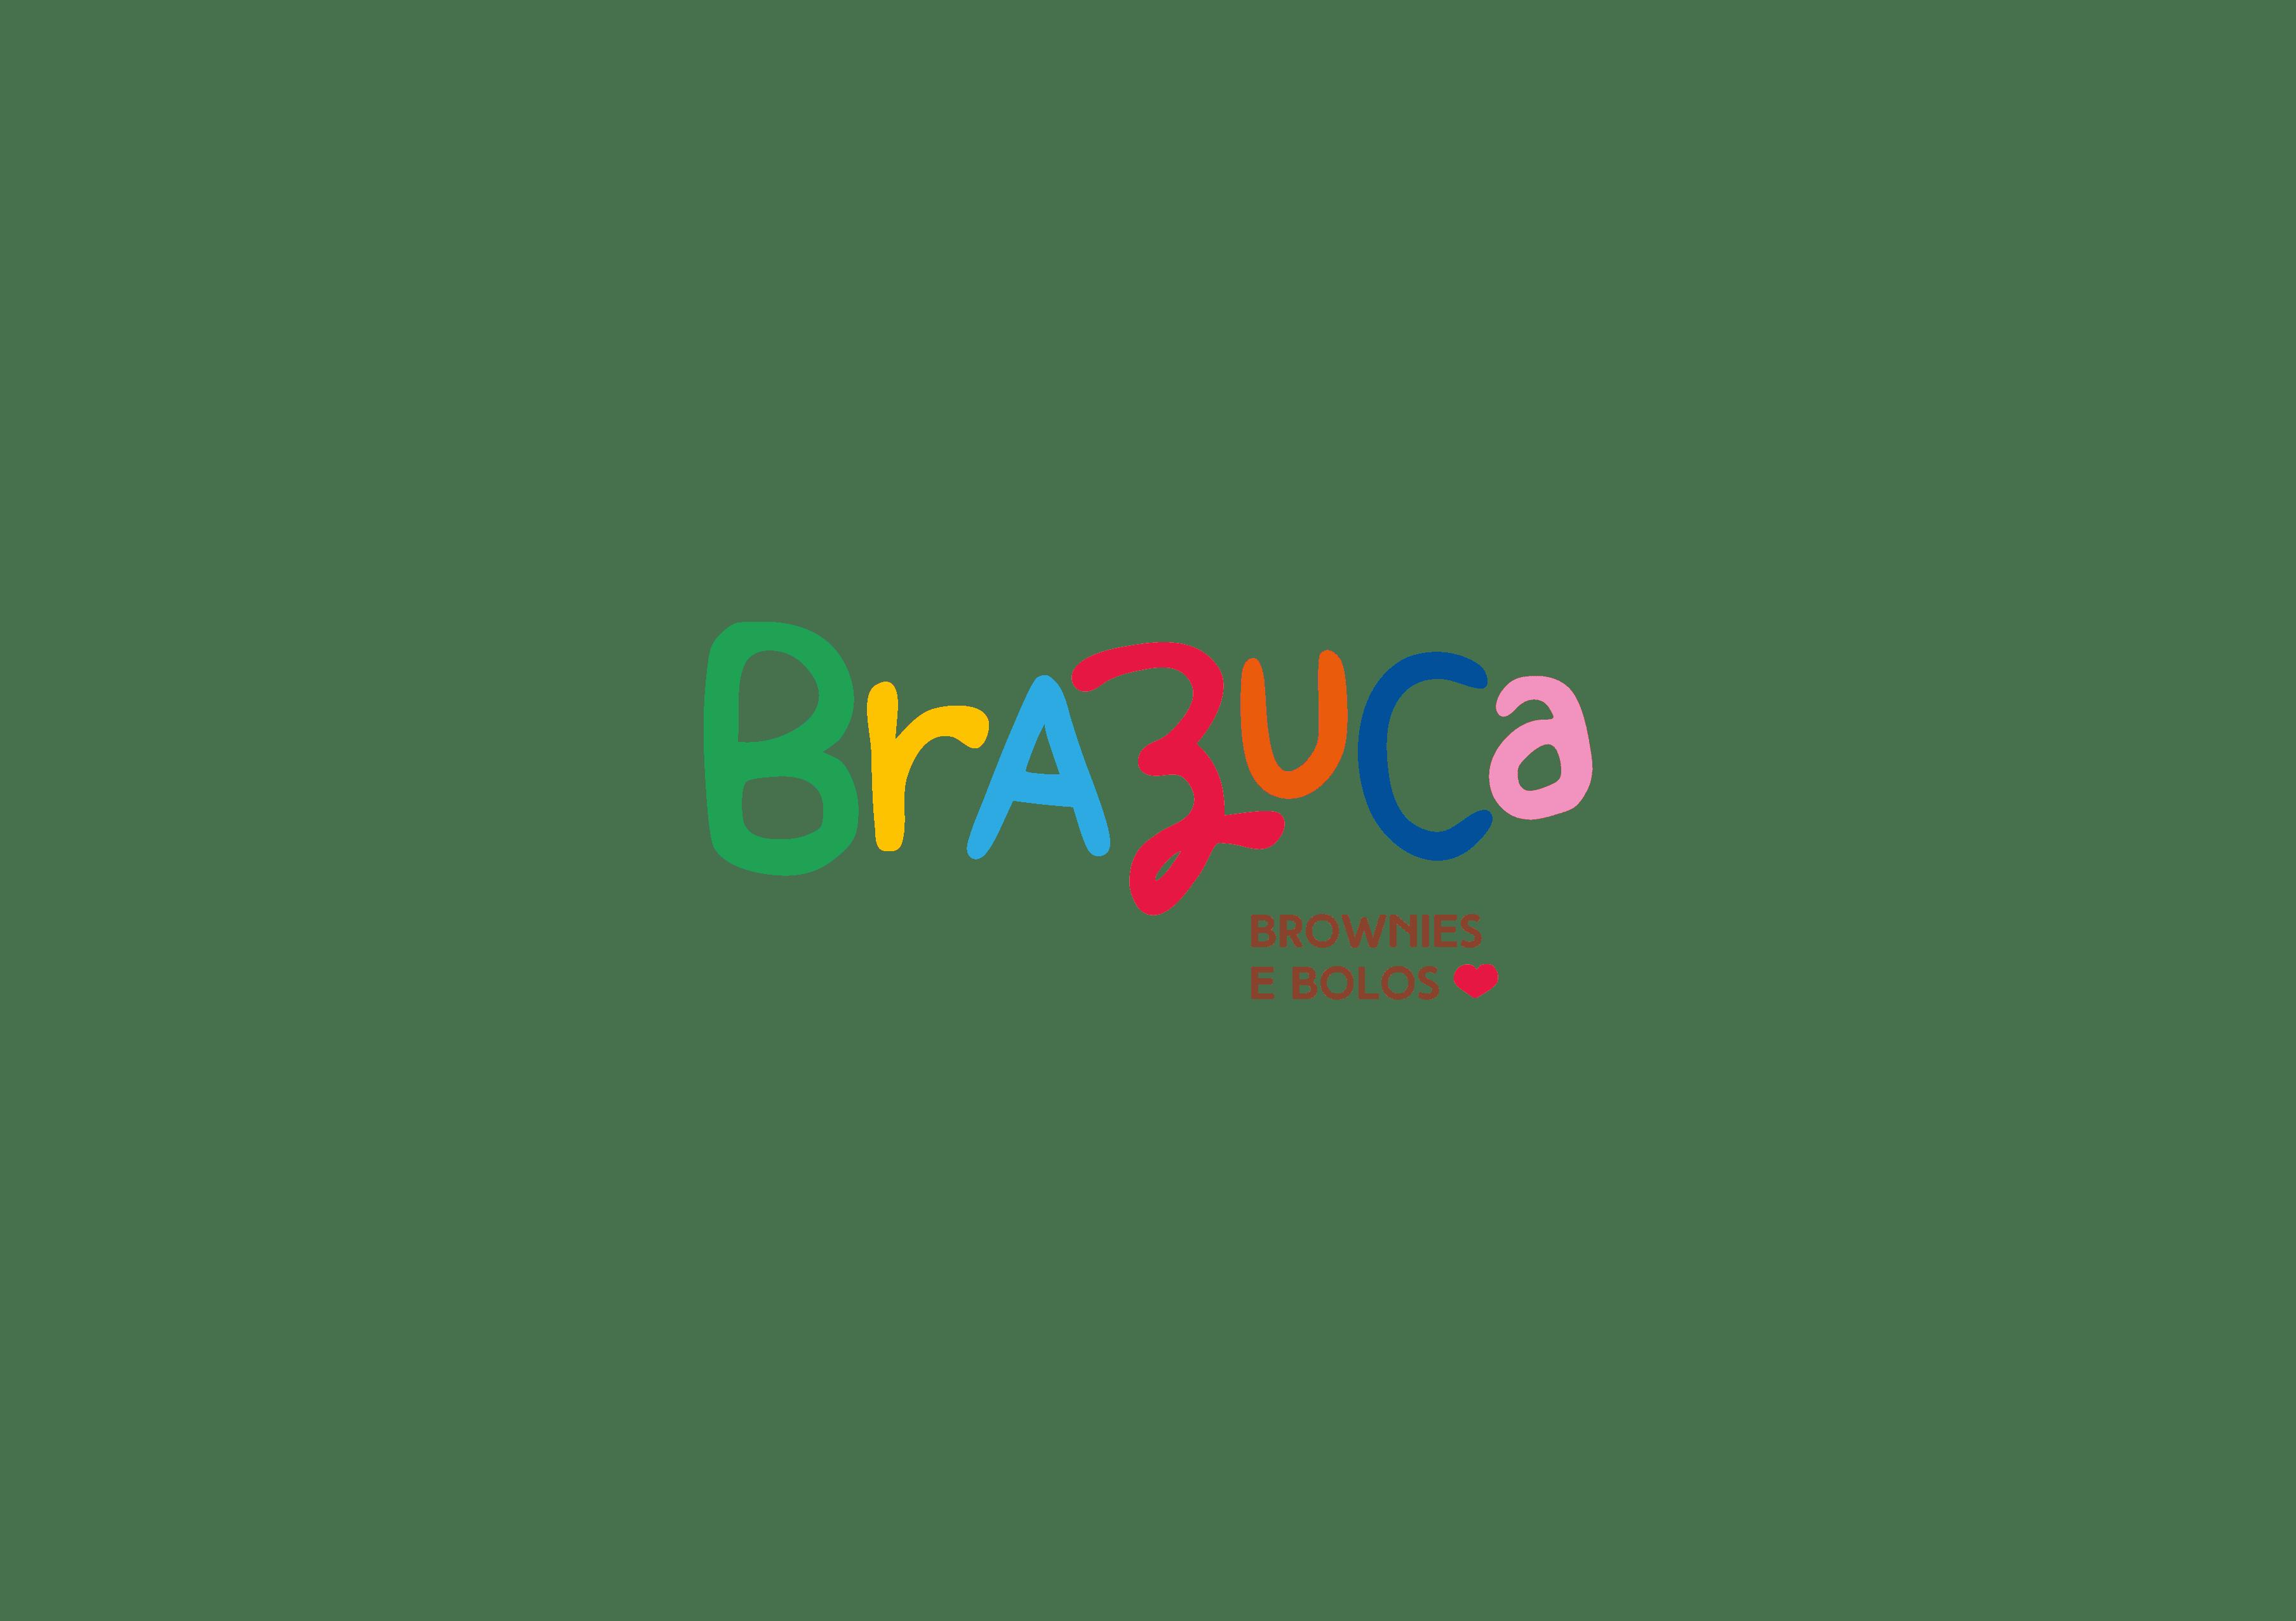 LOGO_BRAZUCA_VERTICAL